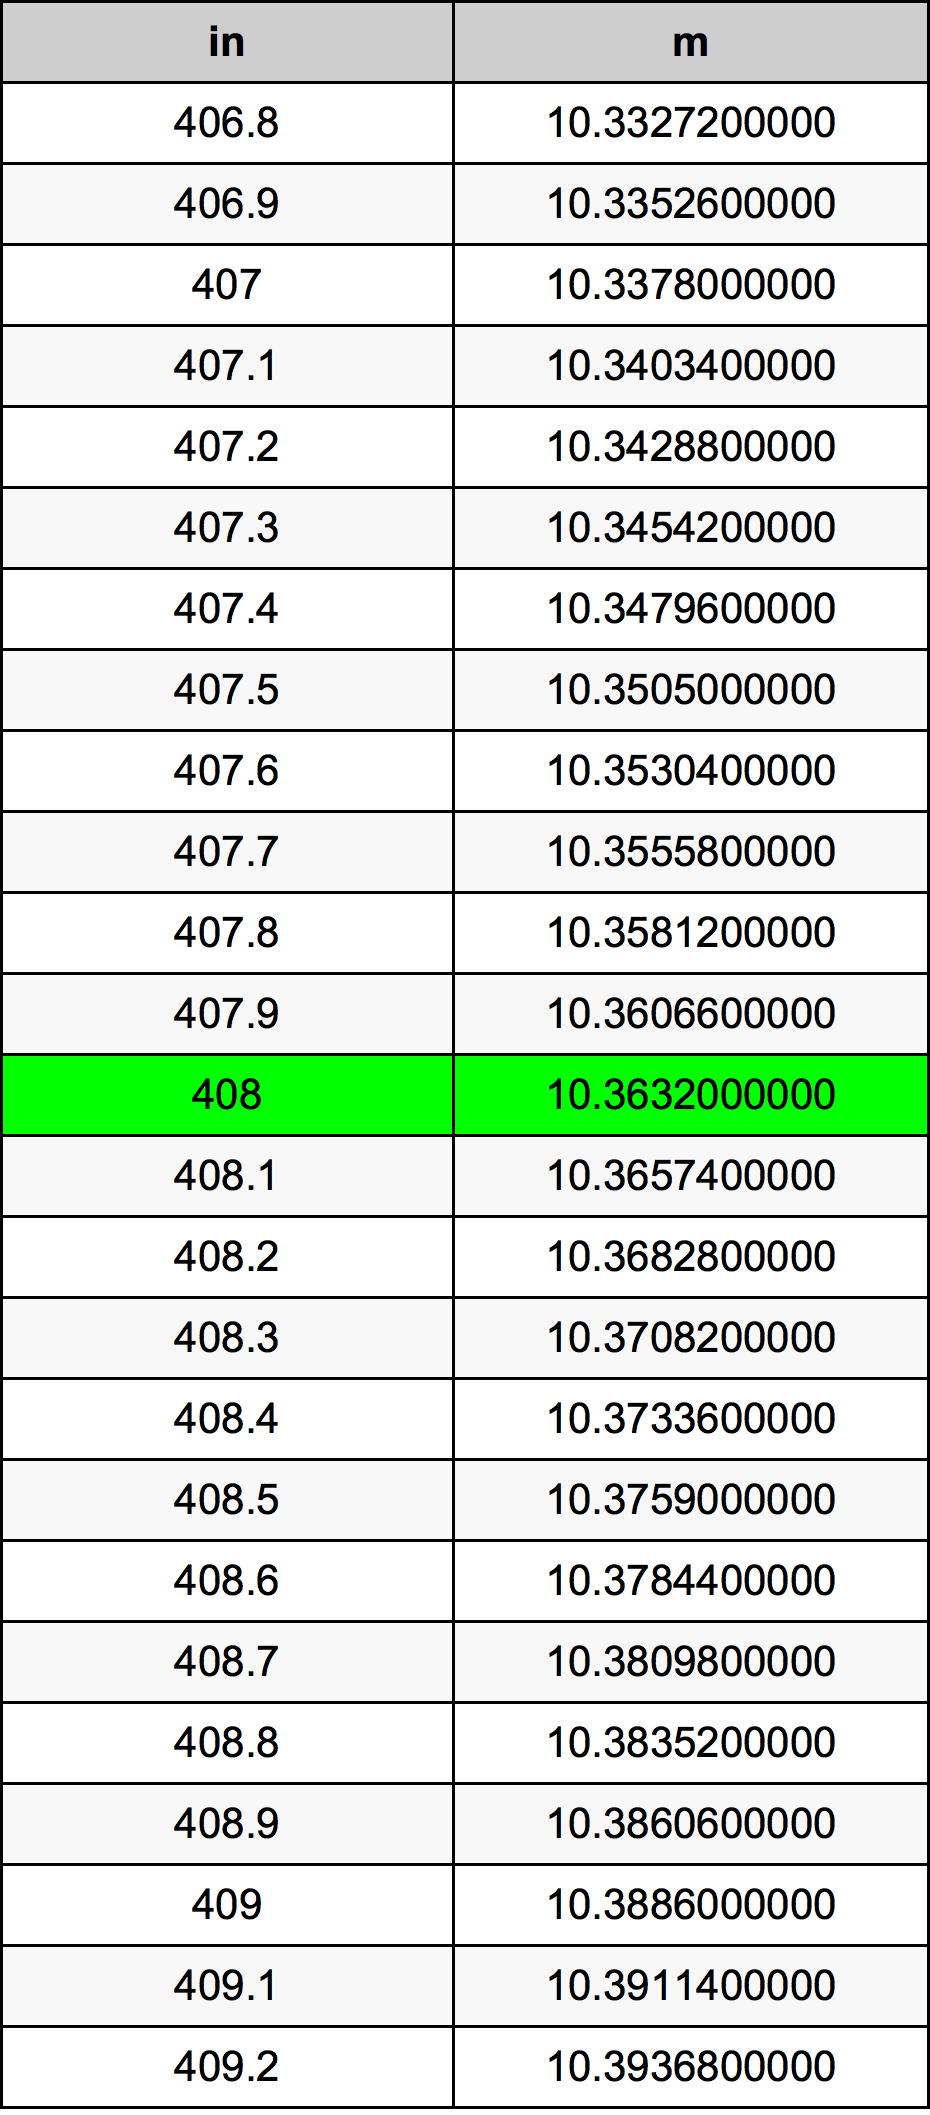 408 Pulzier konverżjoni tabella